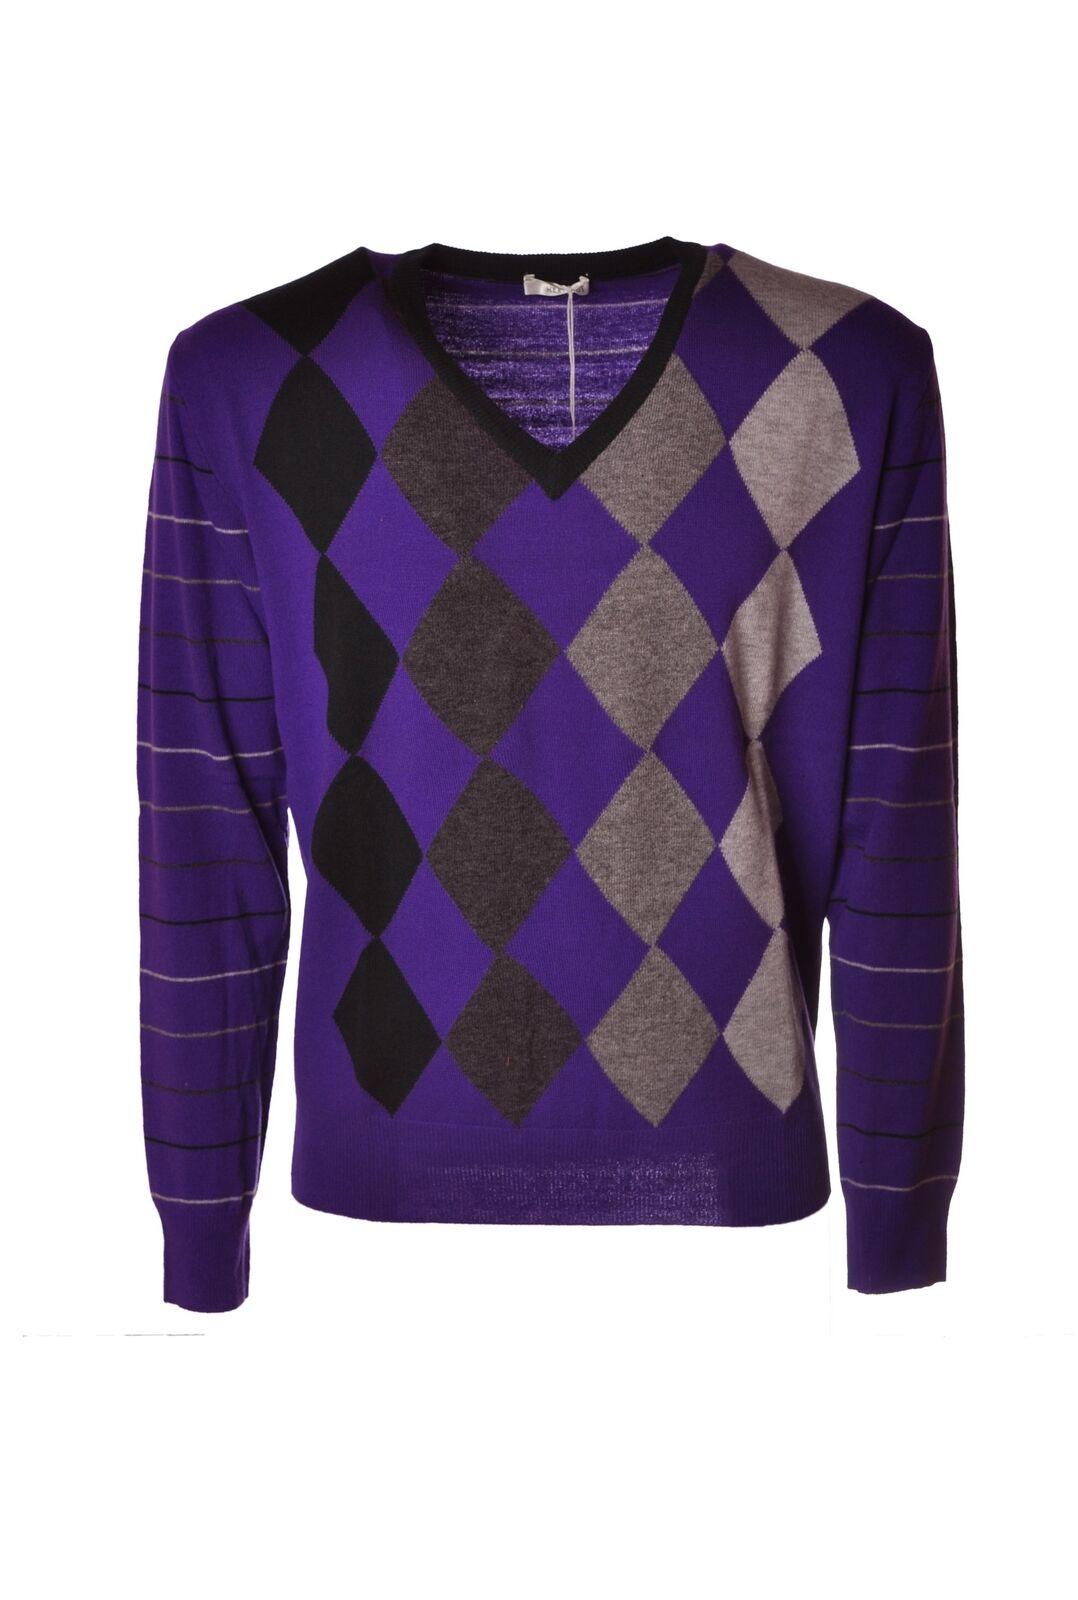 Heritage - Knitwear-Sweaters - Man - Fantasy - 4640523C184213